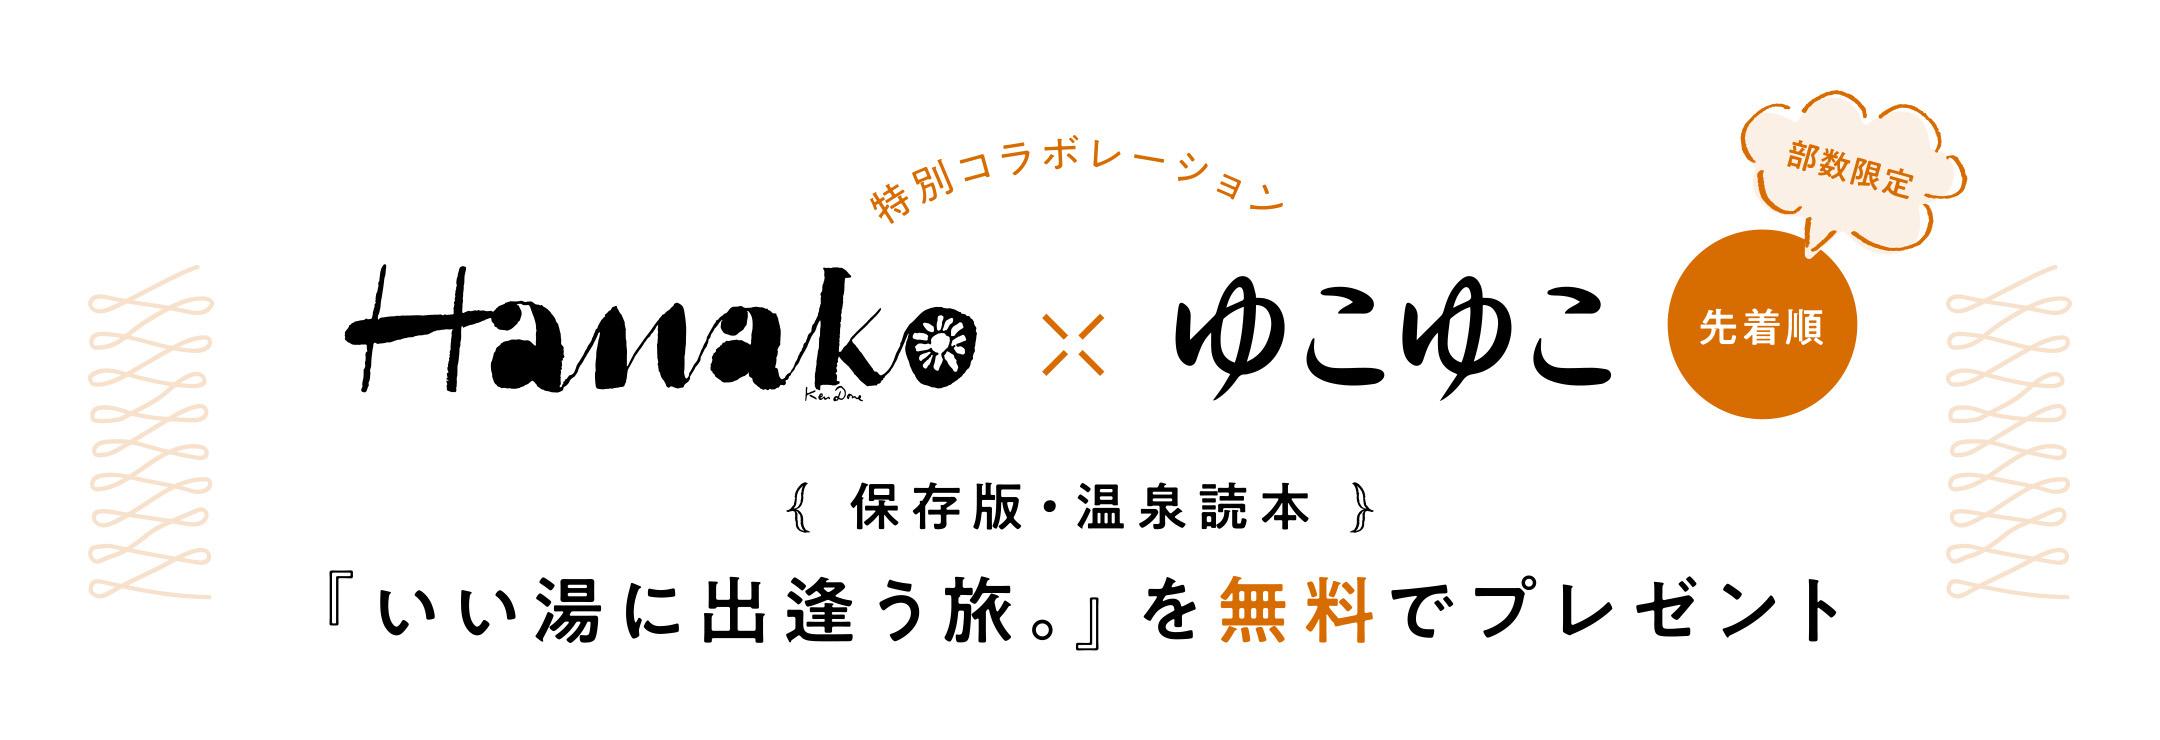 温泉読本のHanako×ゆこゆこが先着貰える。